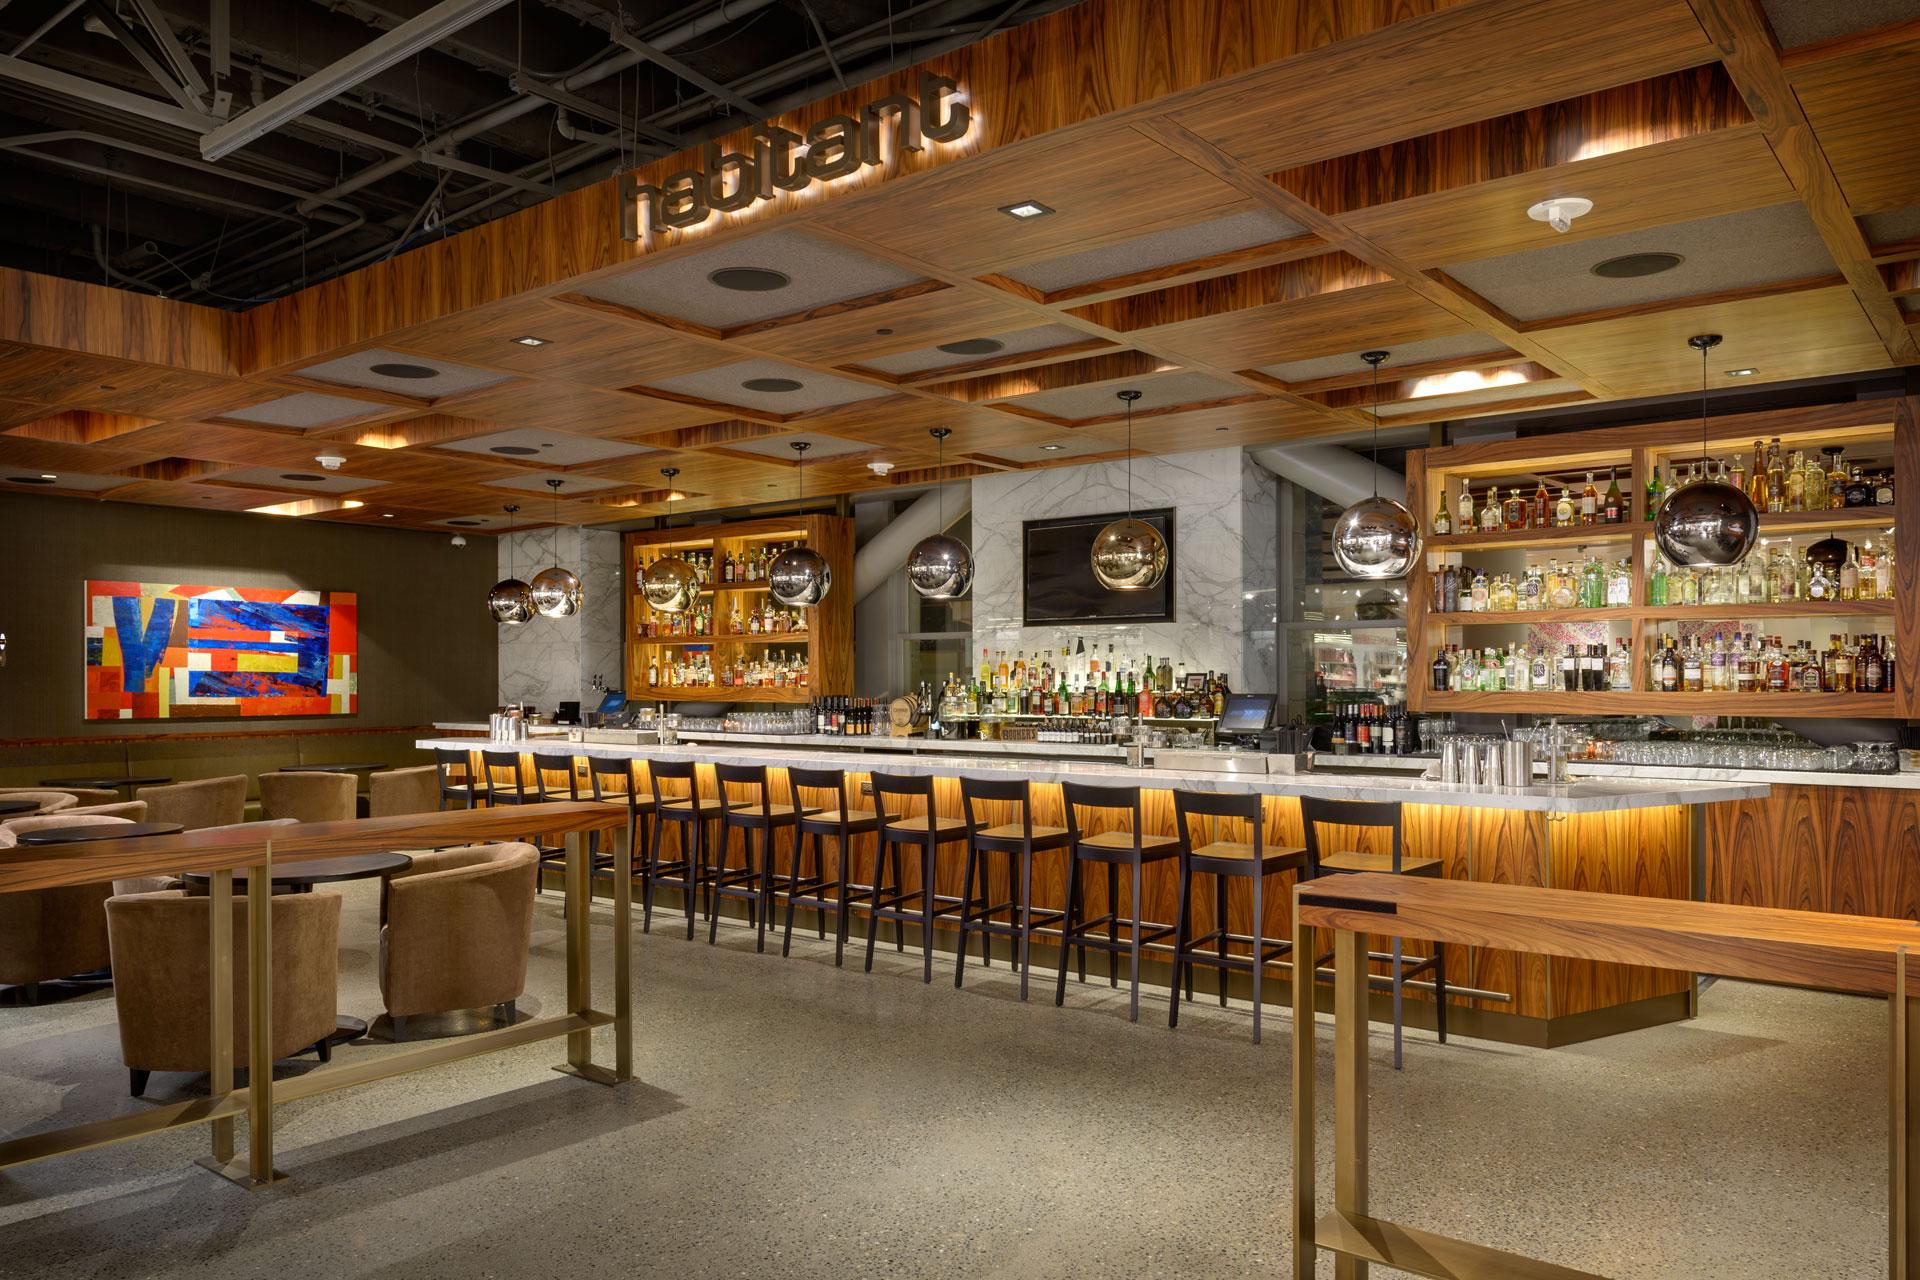 Cafe + Habitant at Nordstrom restaurant modern design